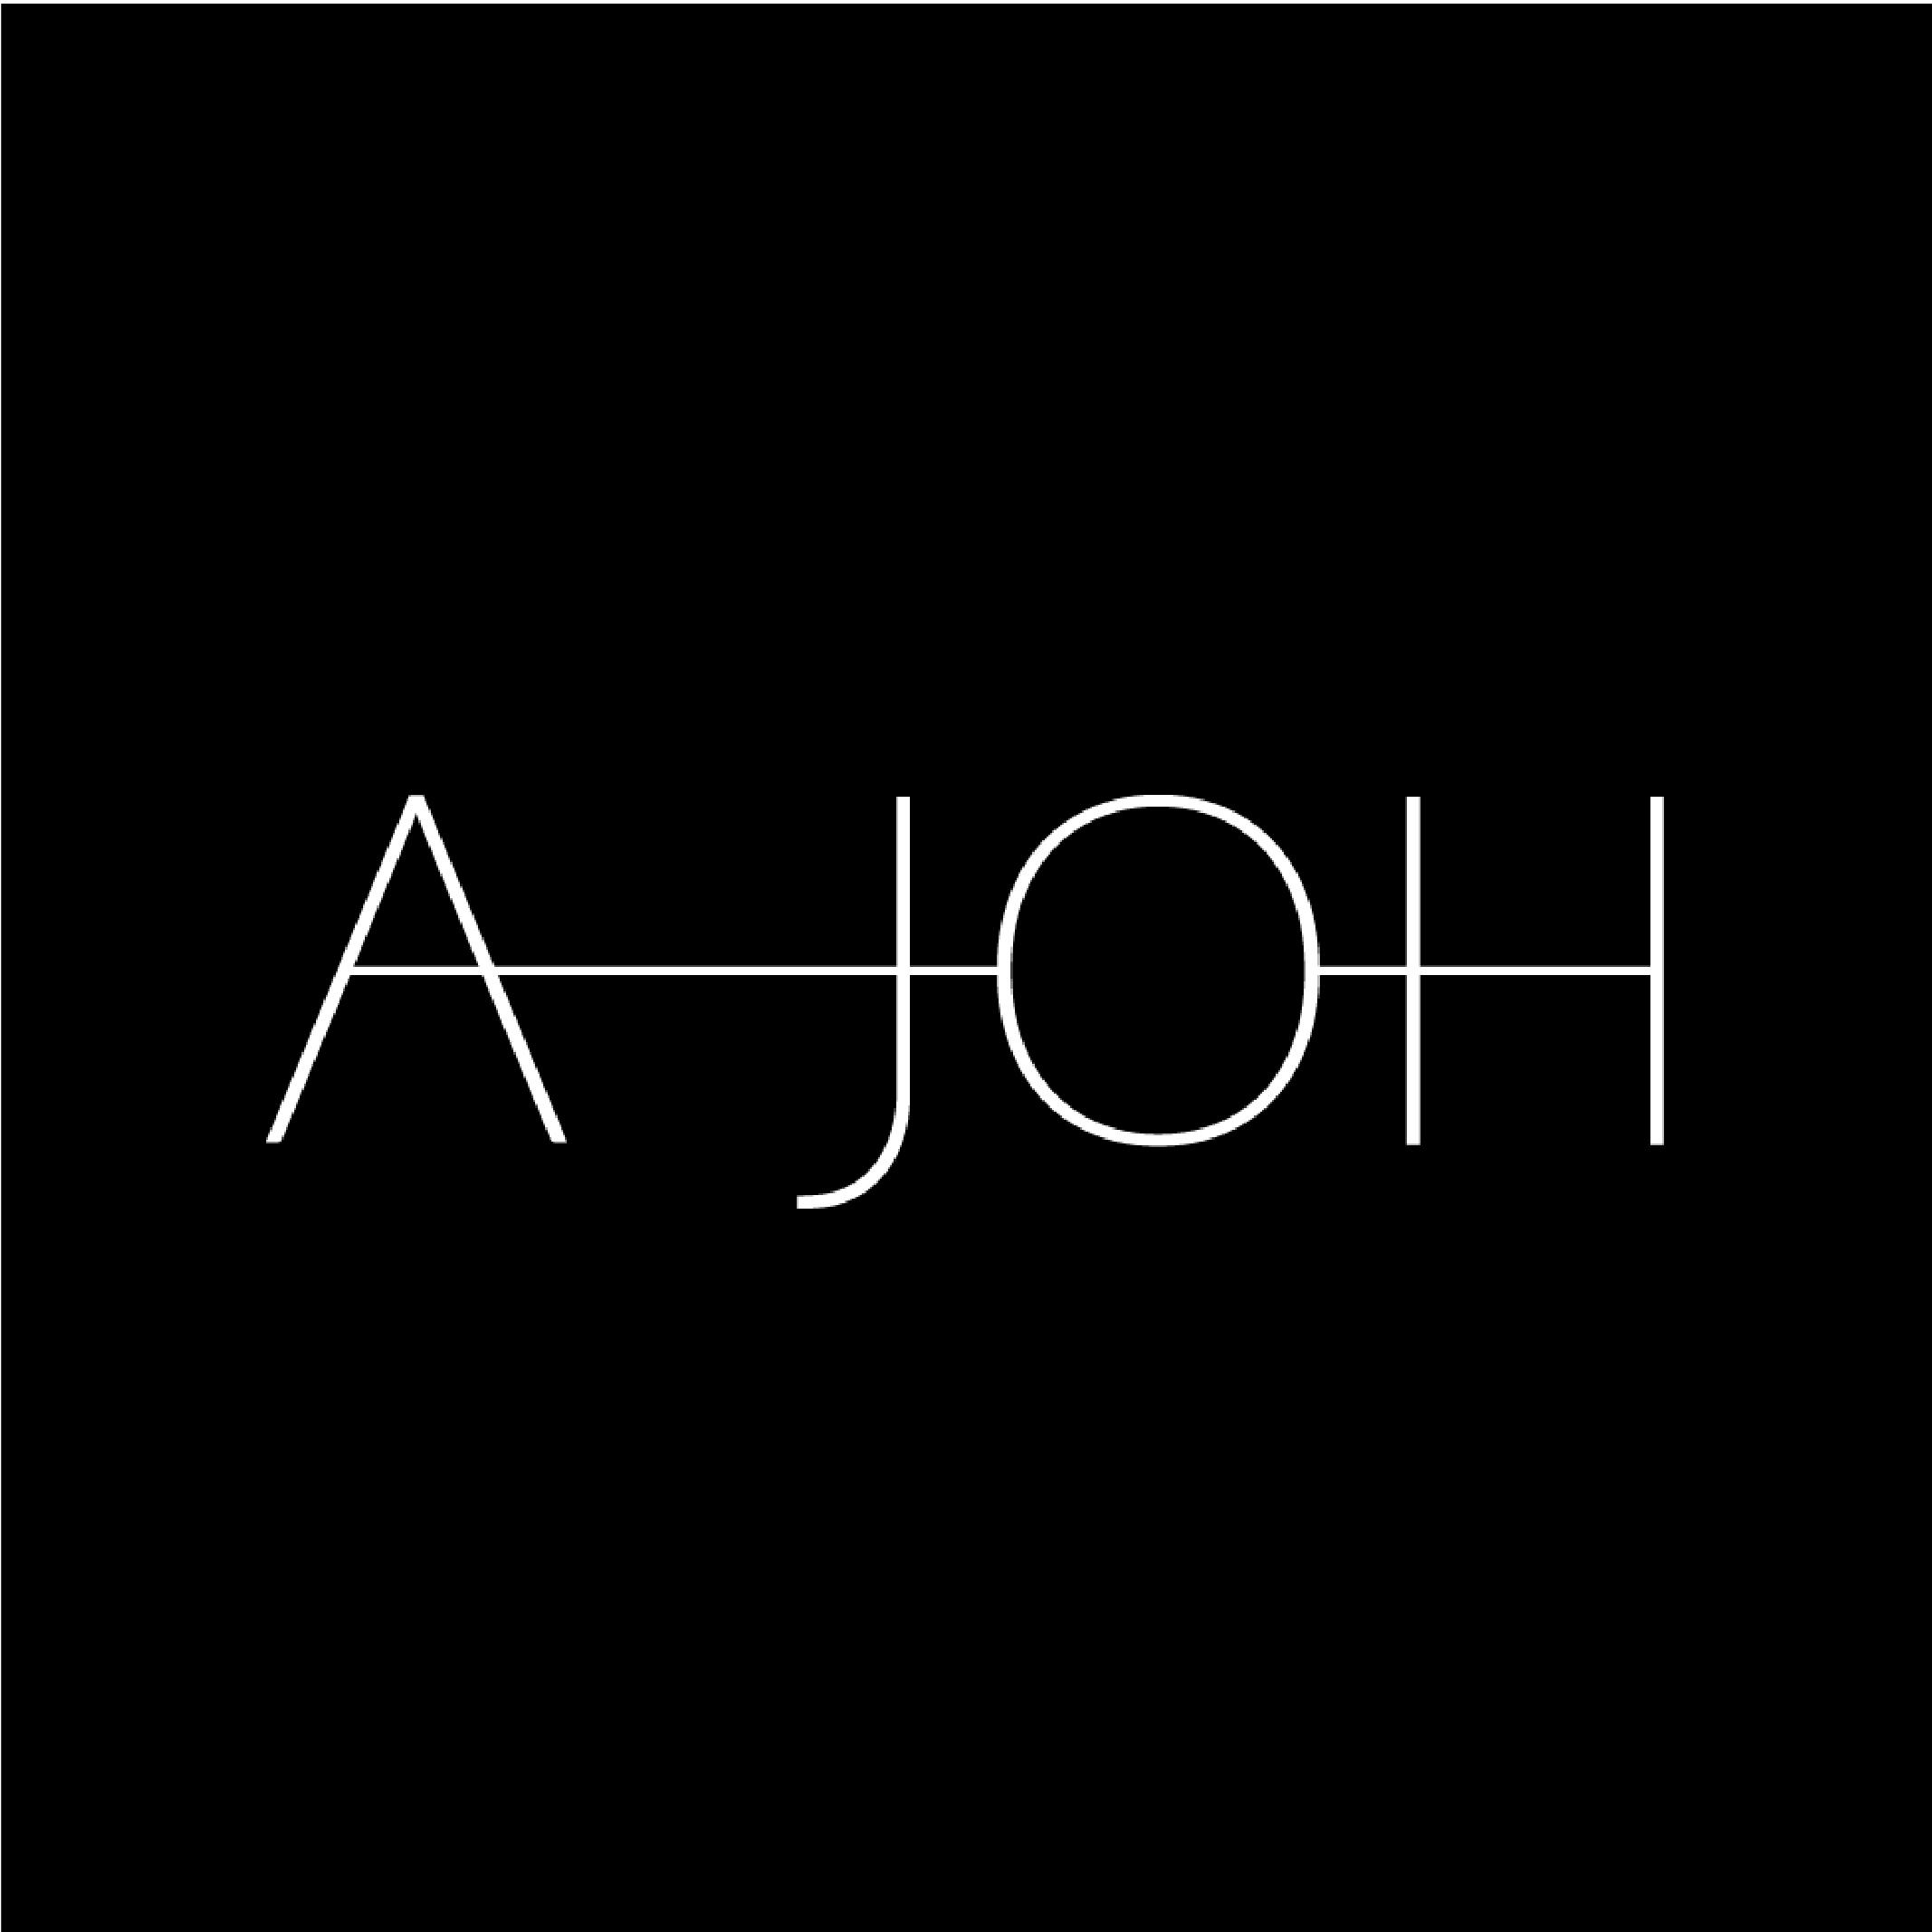 Ajoh_web3-01